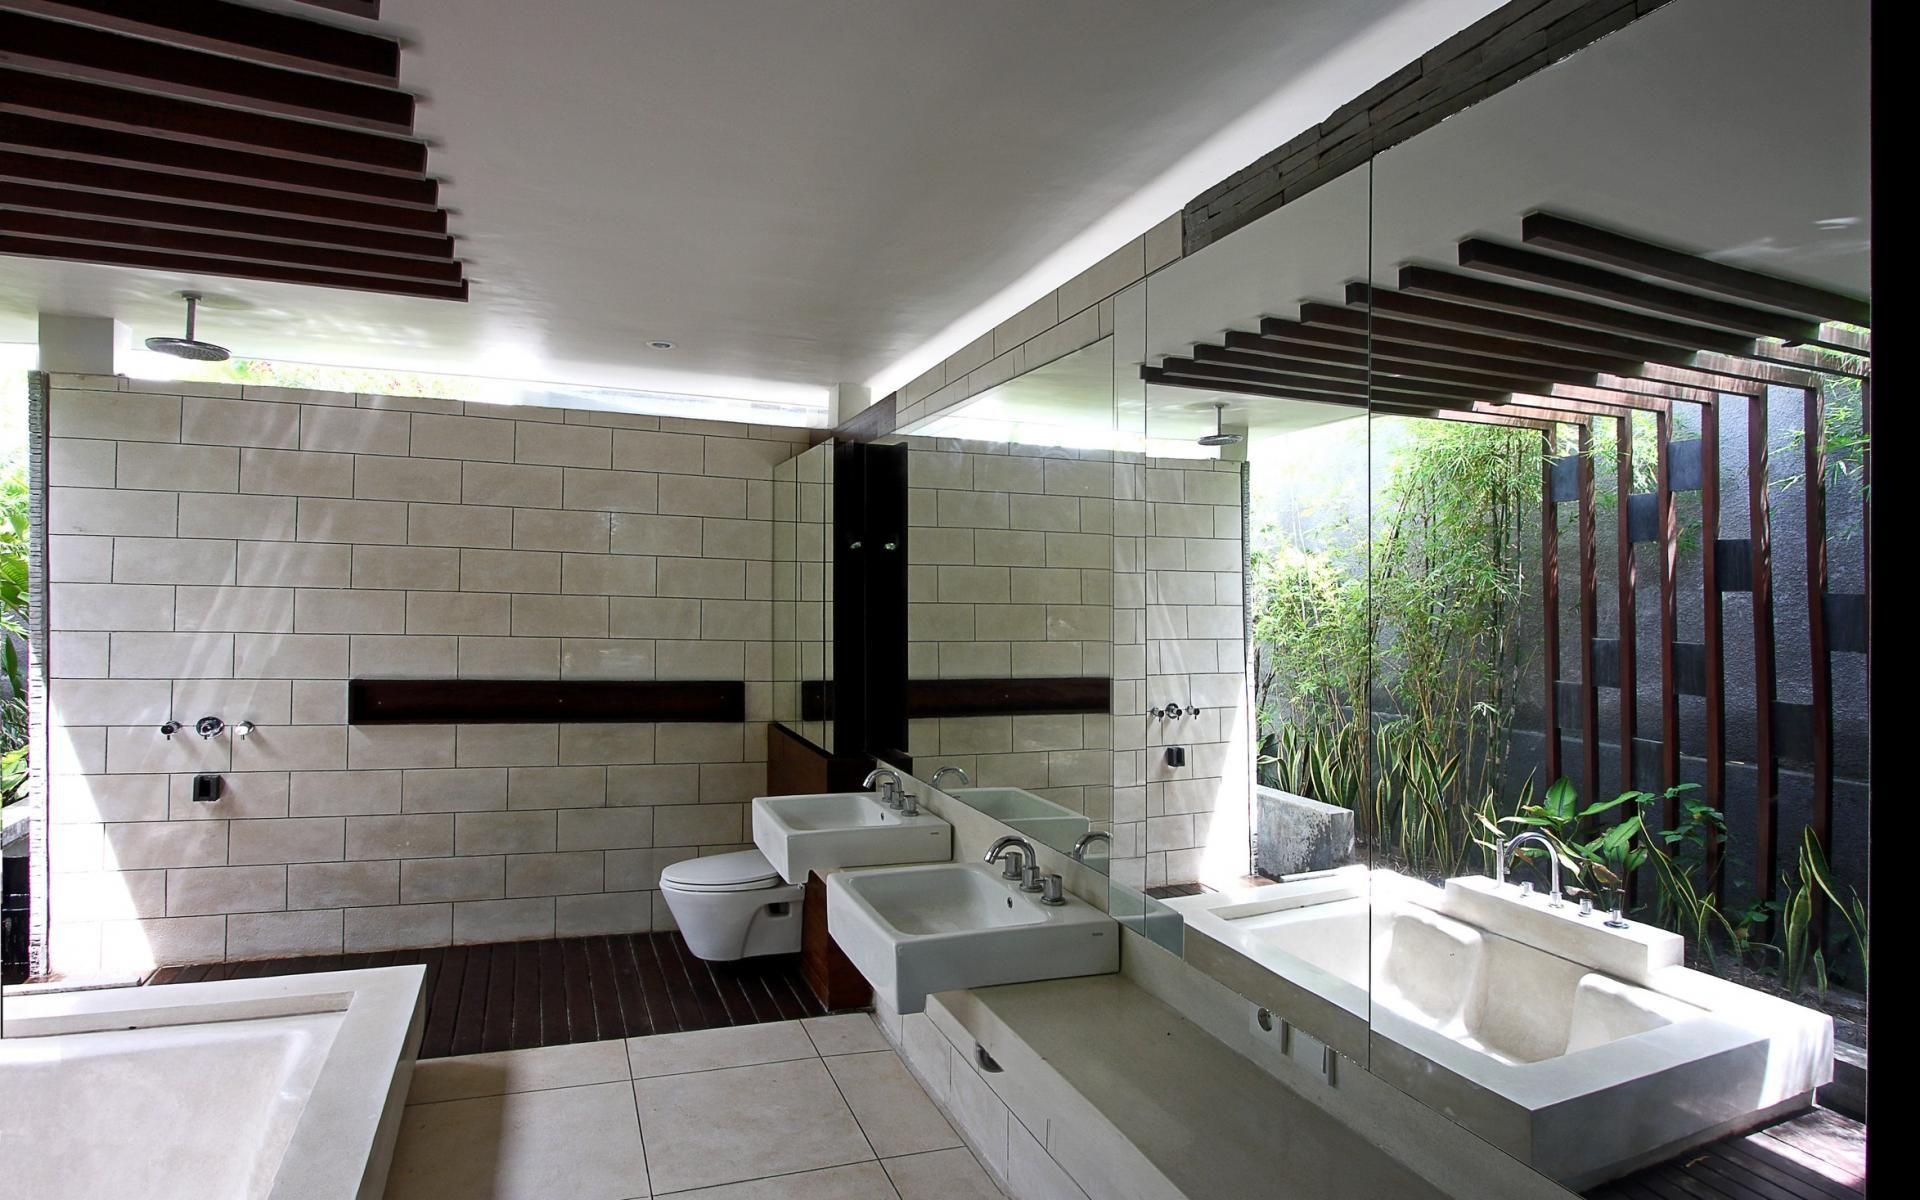 Villa PayaPaya by Aboday Architect modern resort home in Bali